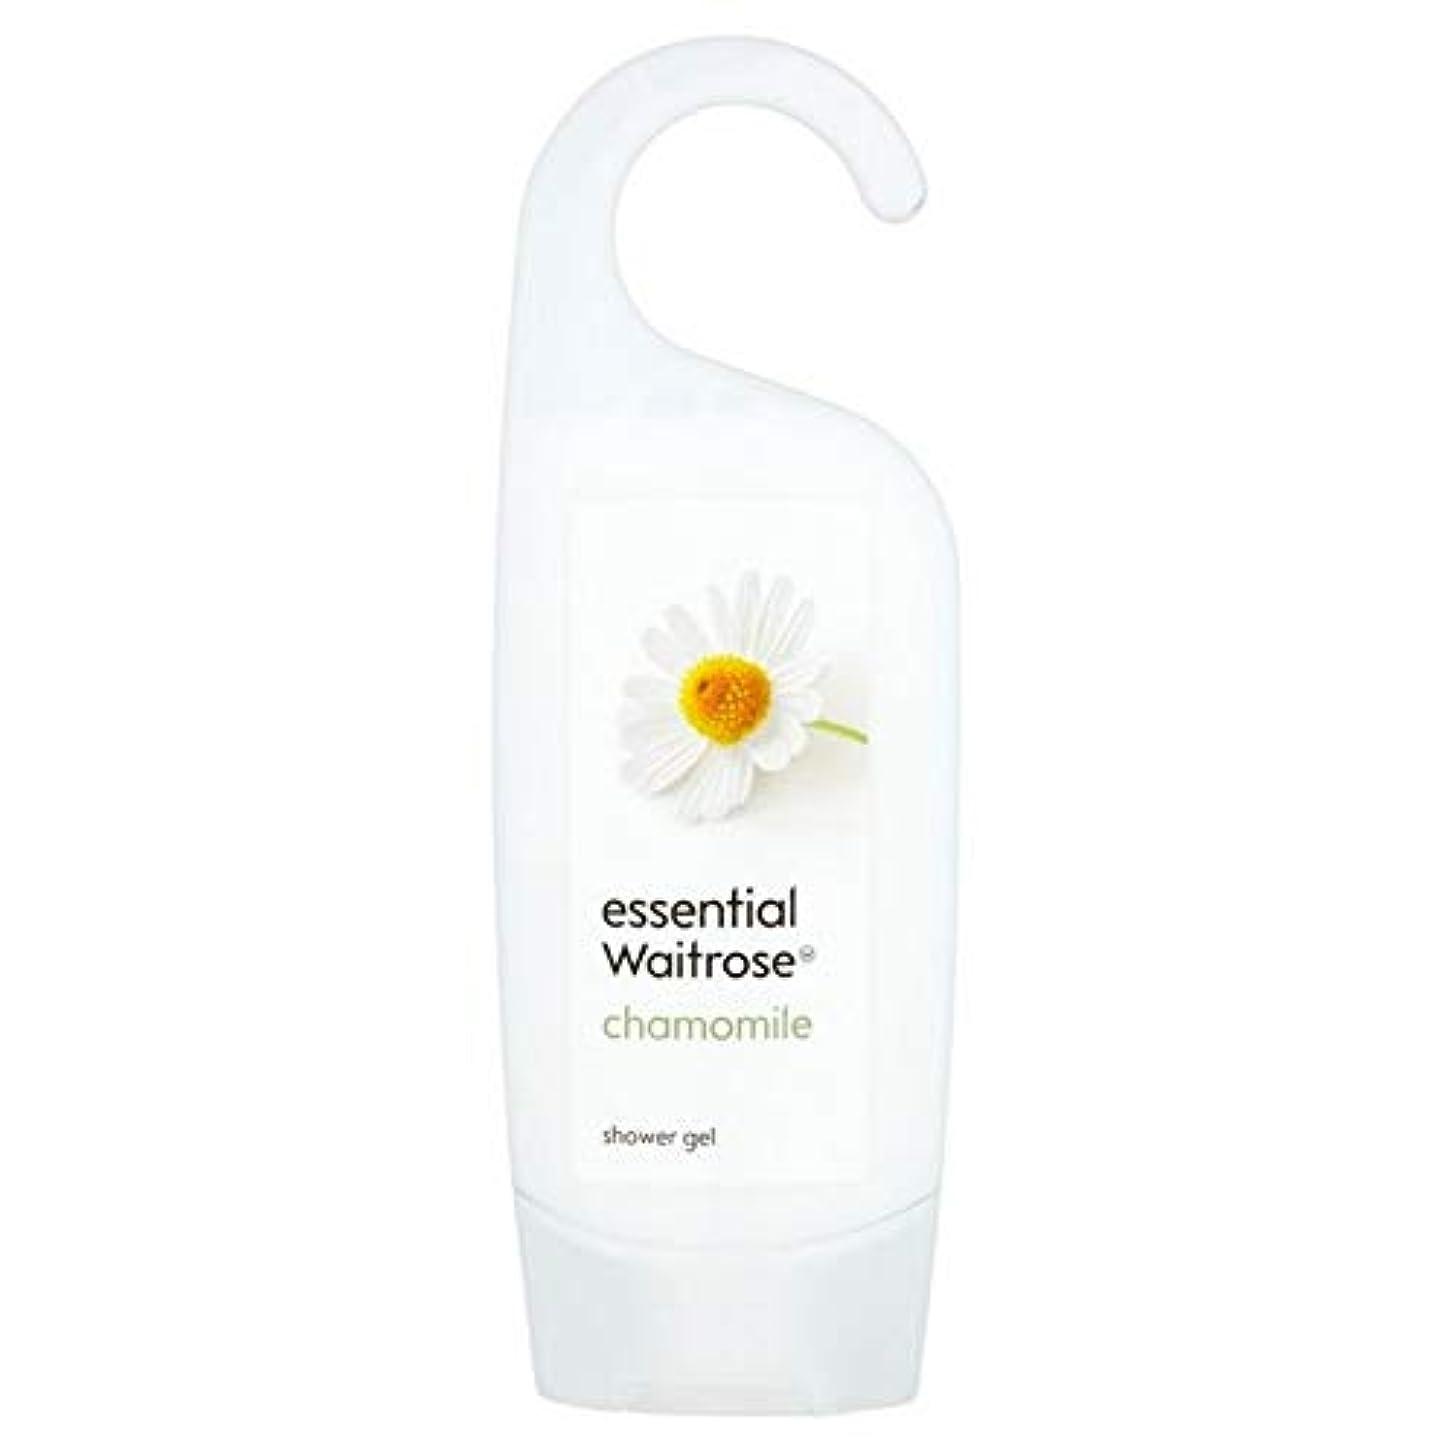 深遠ドル教育[Waitrose ] 基本的なウェイトローズカモミールシャワージェル250ミリリットル - Essential Waitrose Chamomile Shower Gel 250ml [並行輸入品]